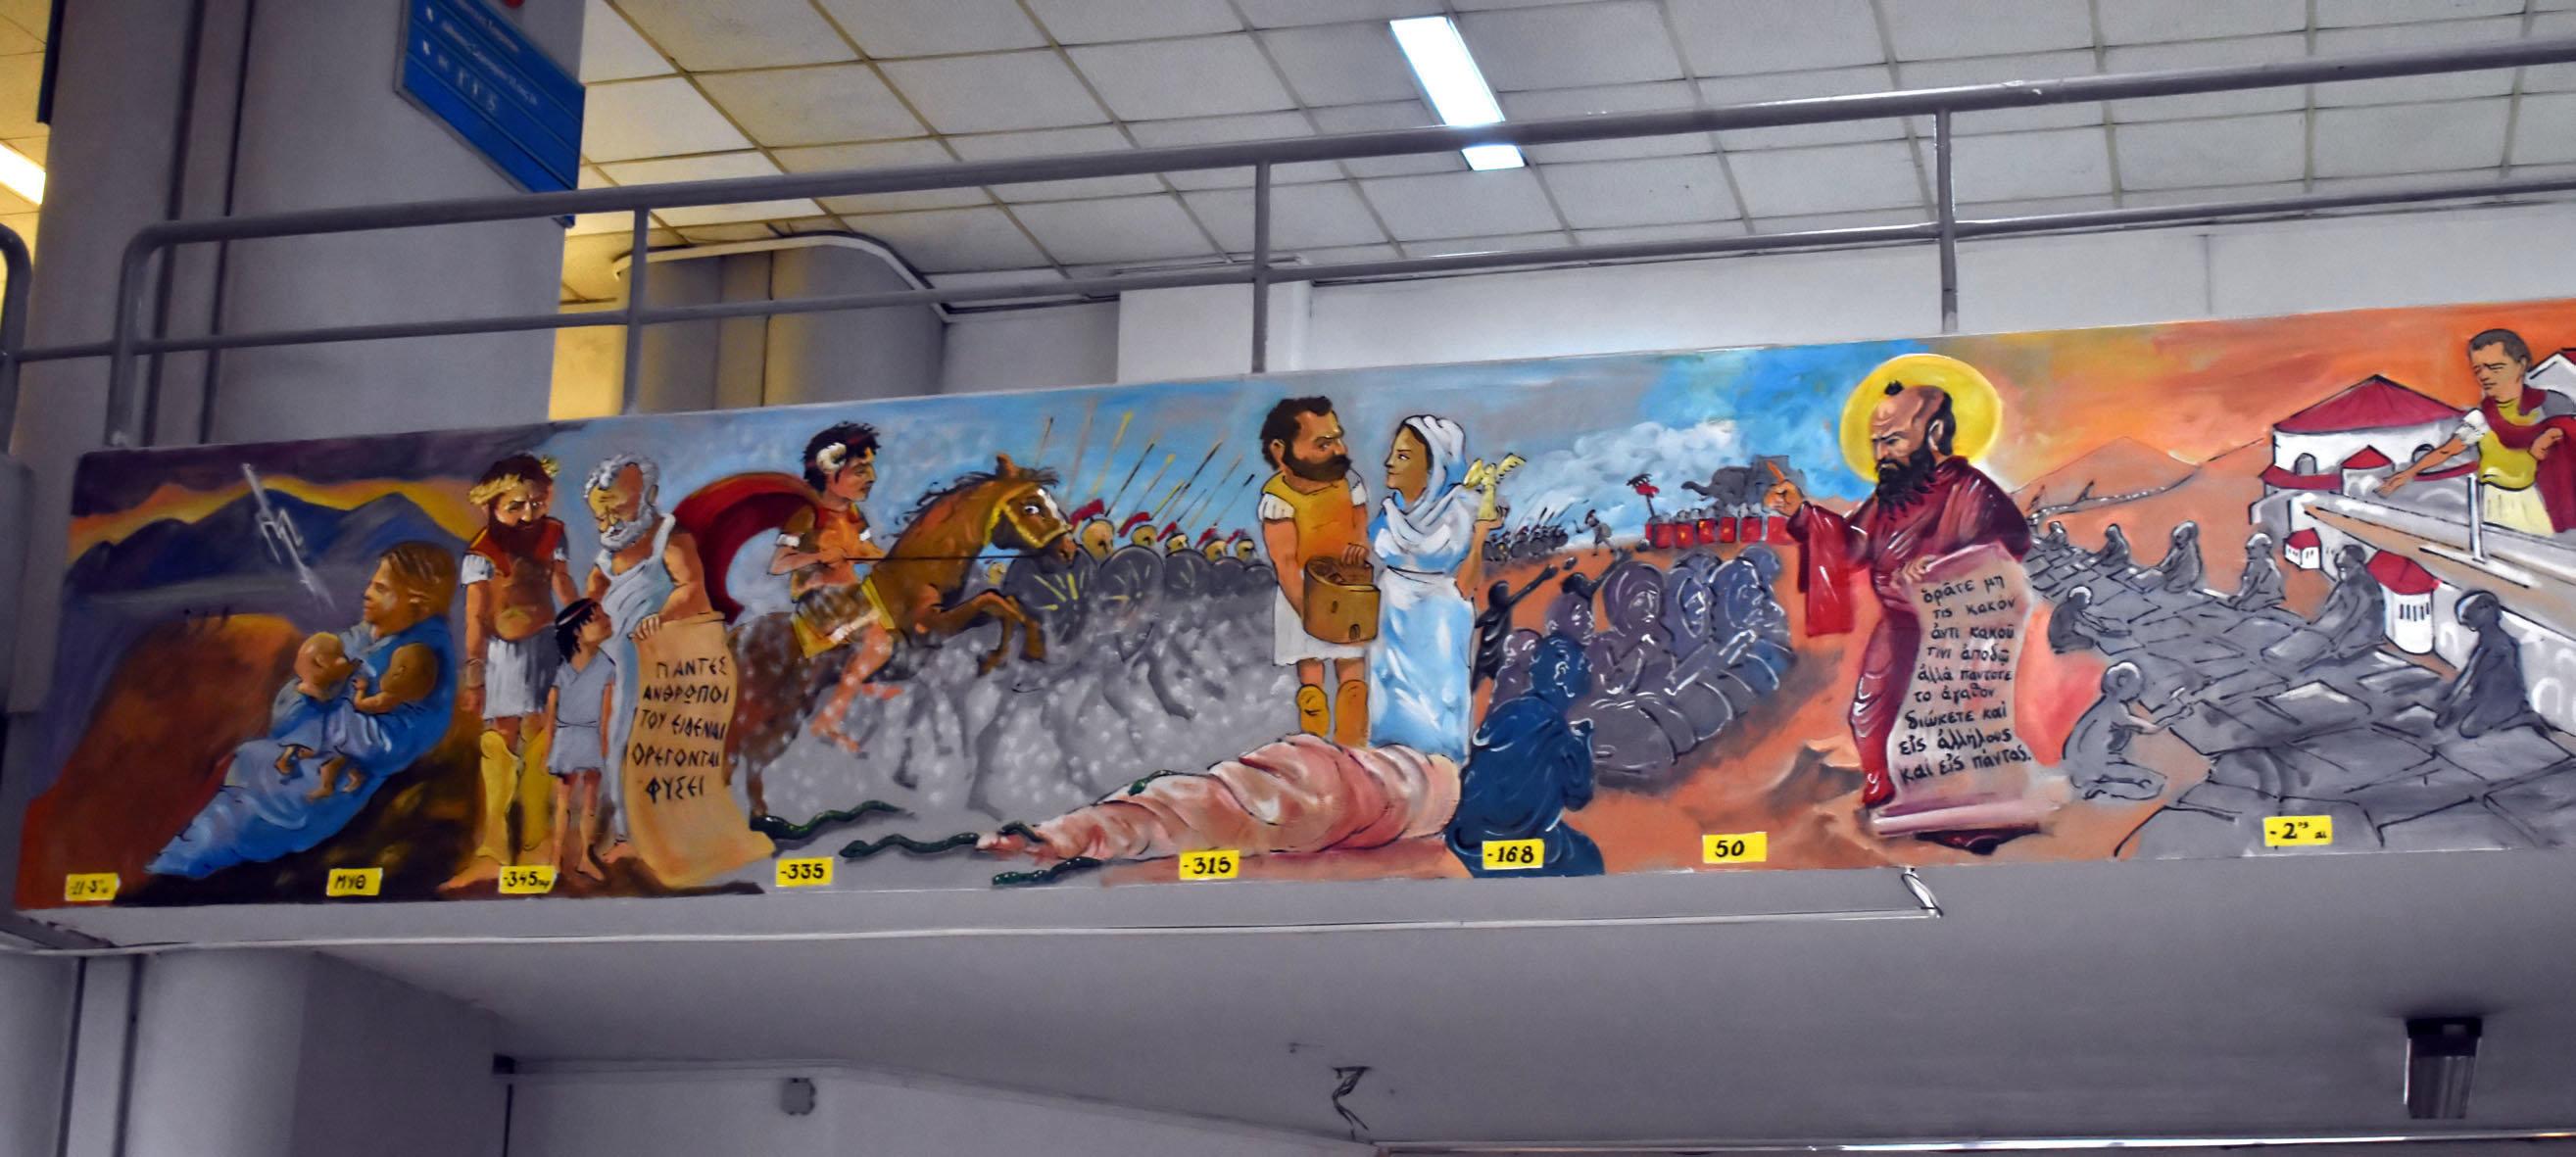 Αφισορρύπανση τέλος - πλέον μόνο τοιχογραφίες: Η απάντηση στις παρατάξεις που έδωσε το Πανεπιστήμιο